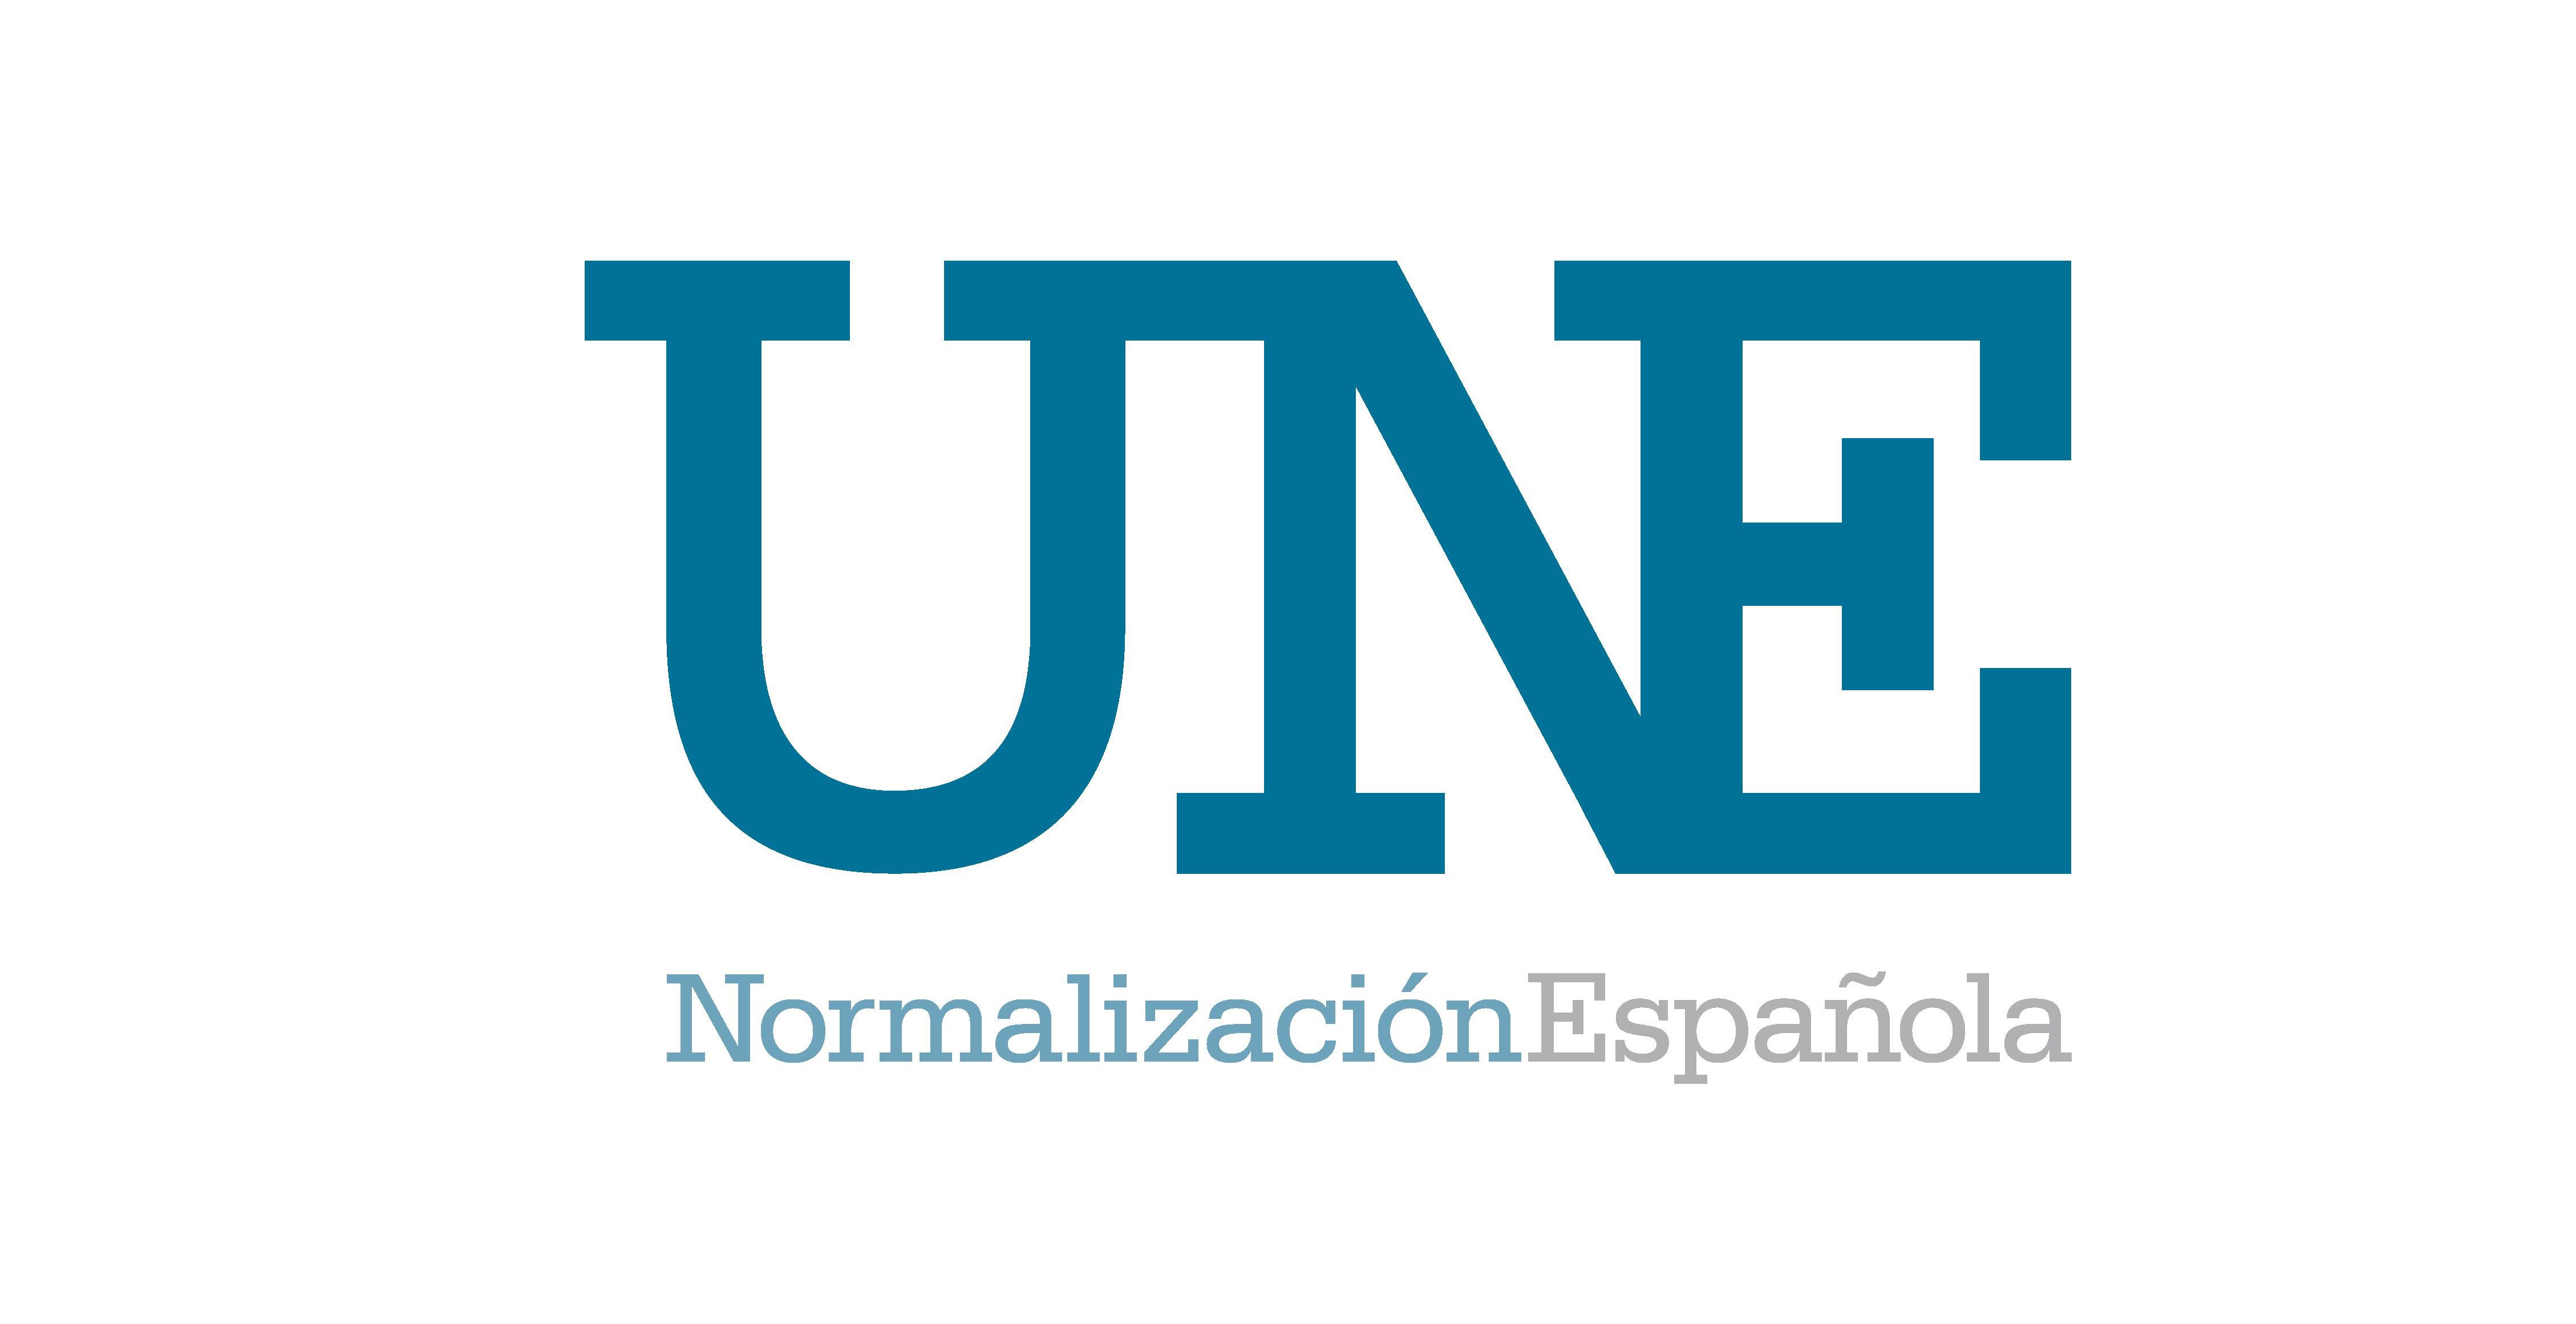 UNE crea el primer comité español de normalización sobre biodiversidad